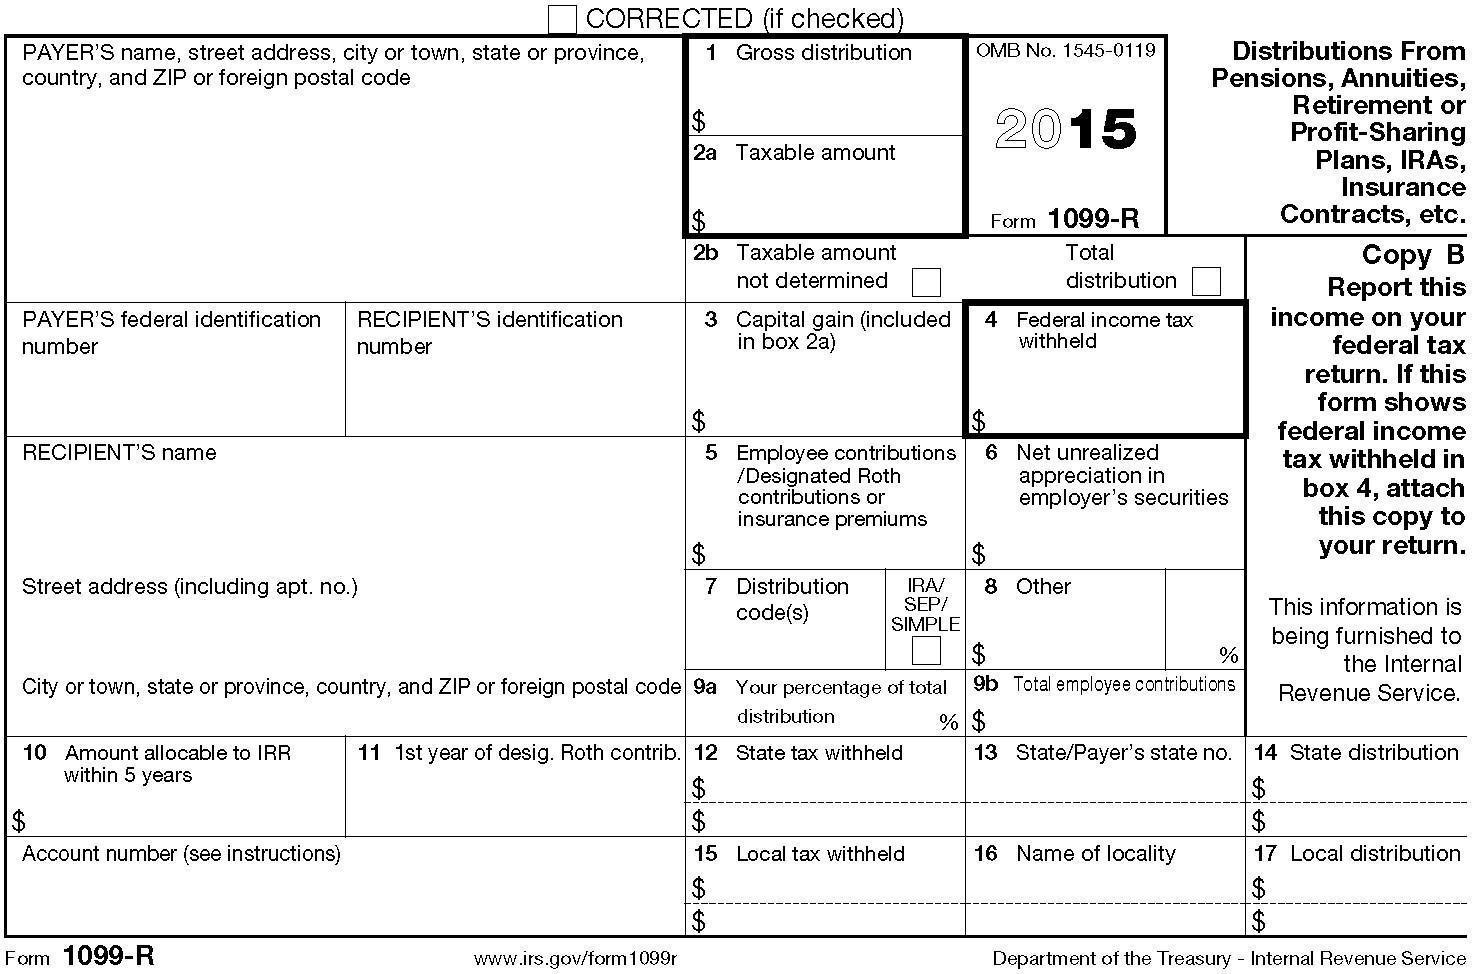 Blank 1099 Form 2015